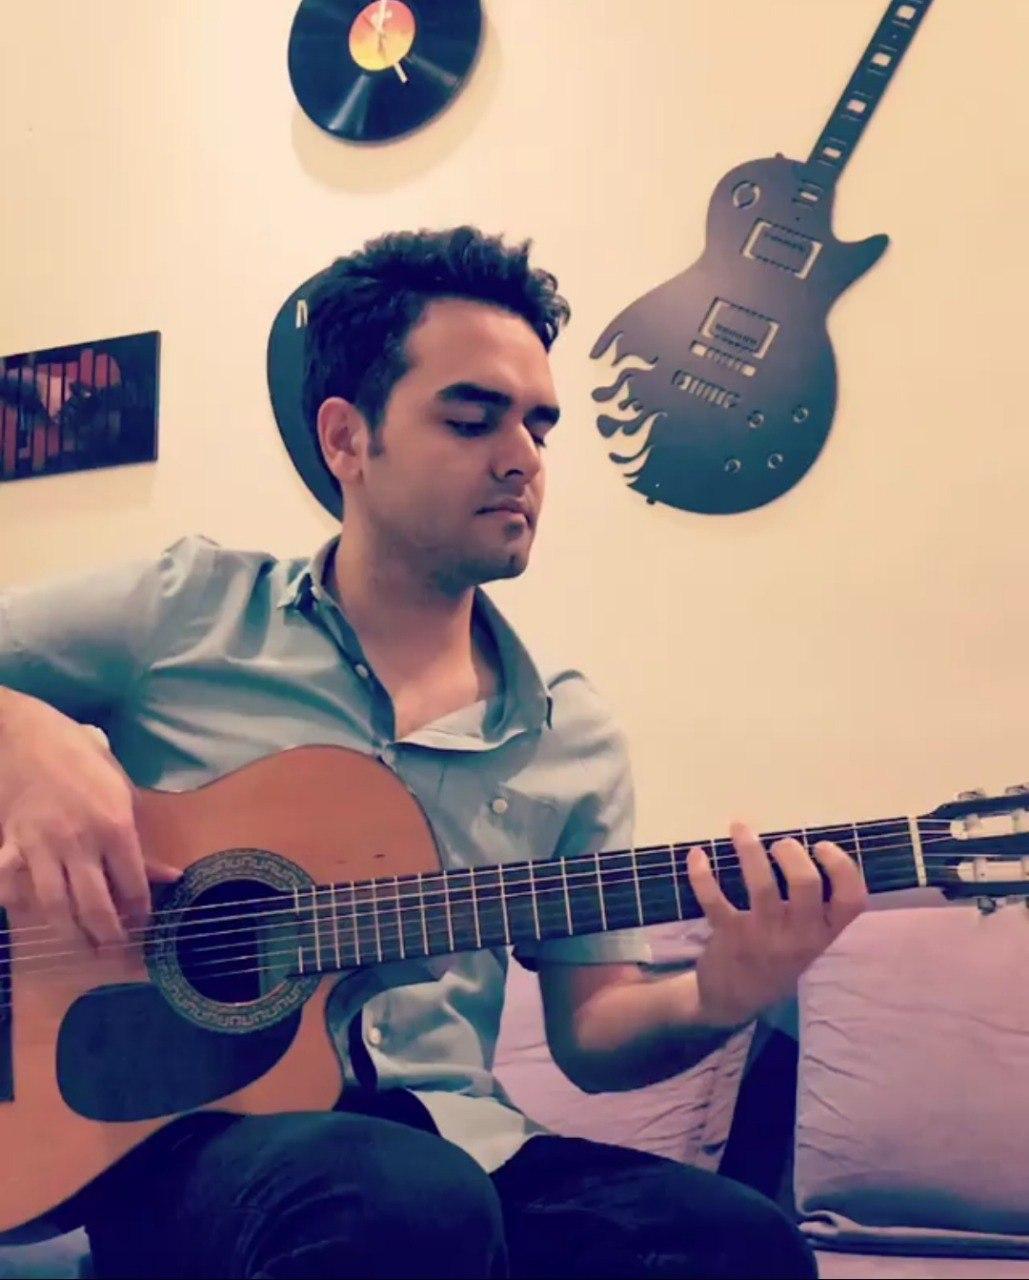 تکنوازی فلامنکو فرزین نیازخانی مدرس گیتار